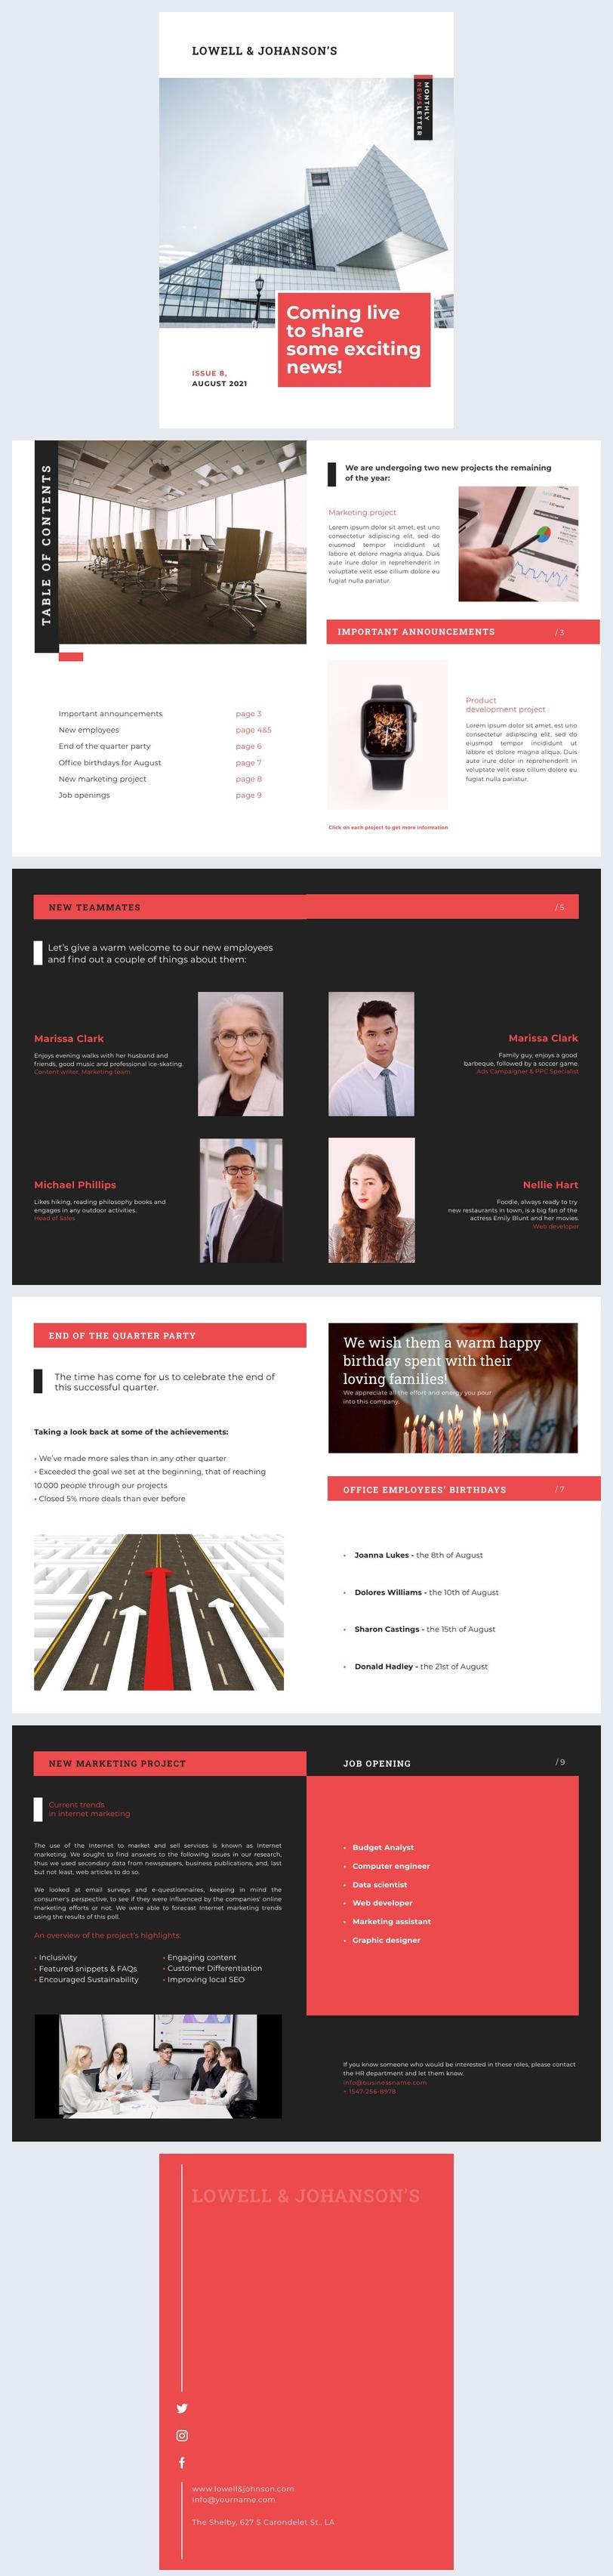 Ejemplo de diseño gratuito y en línea para boletín interactivo